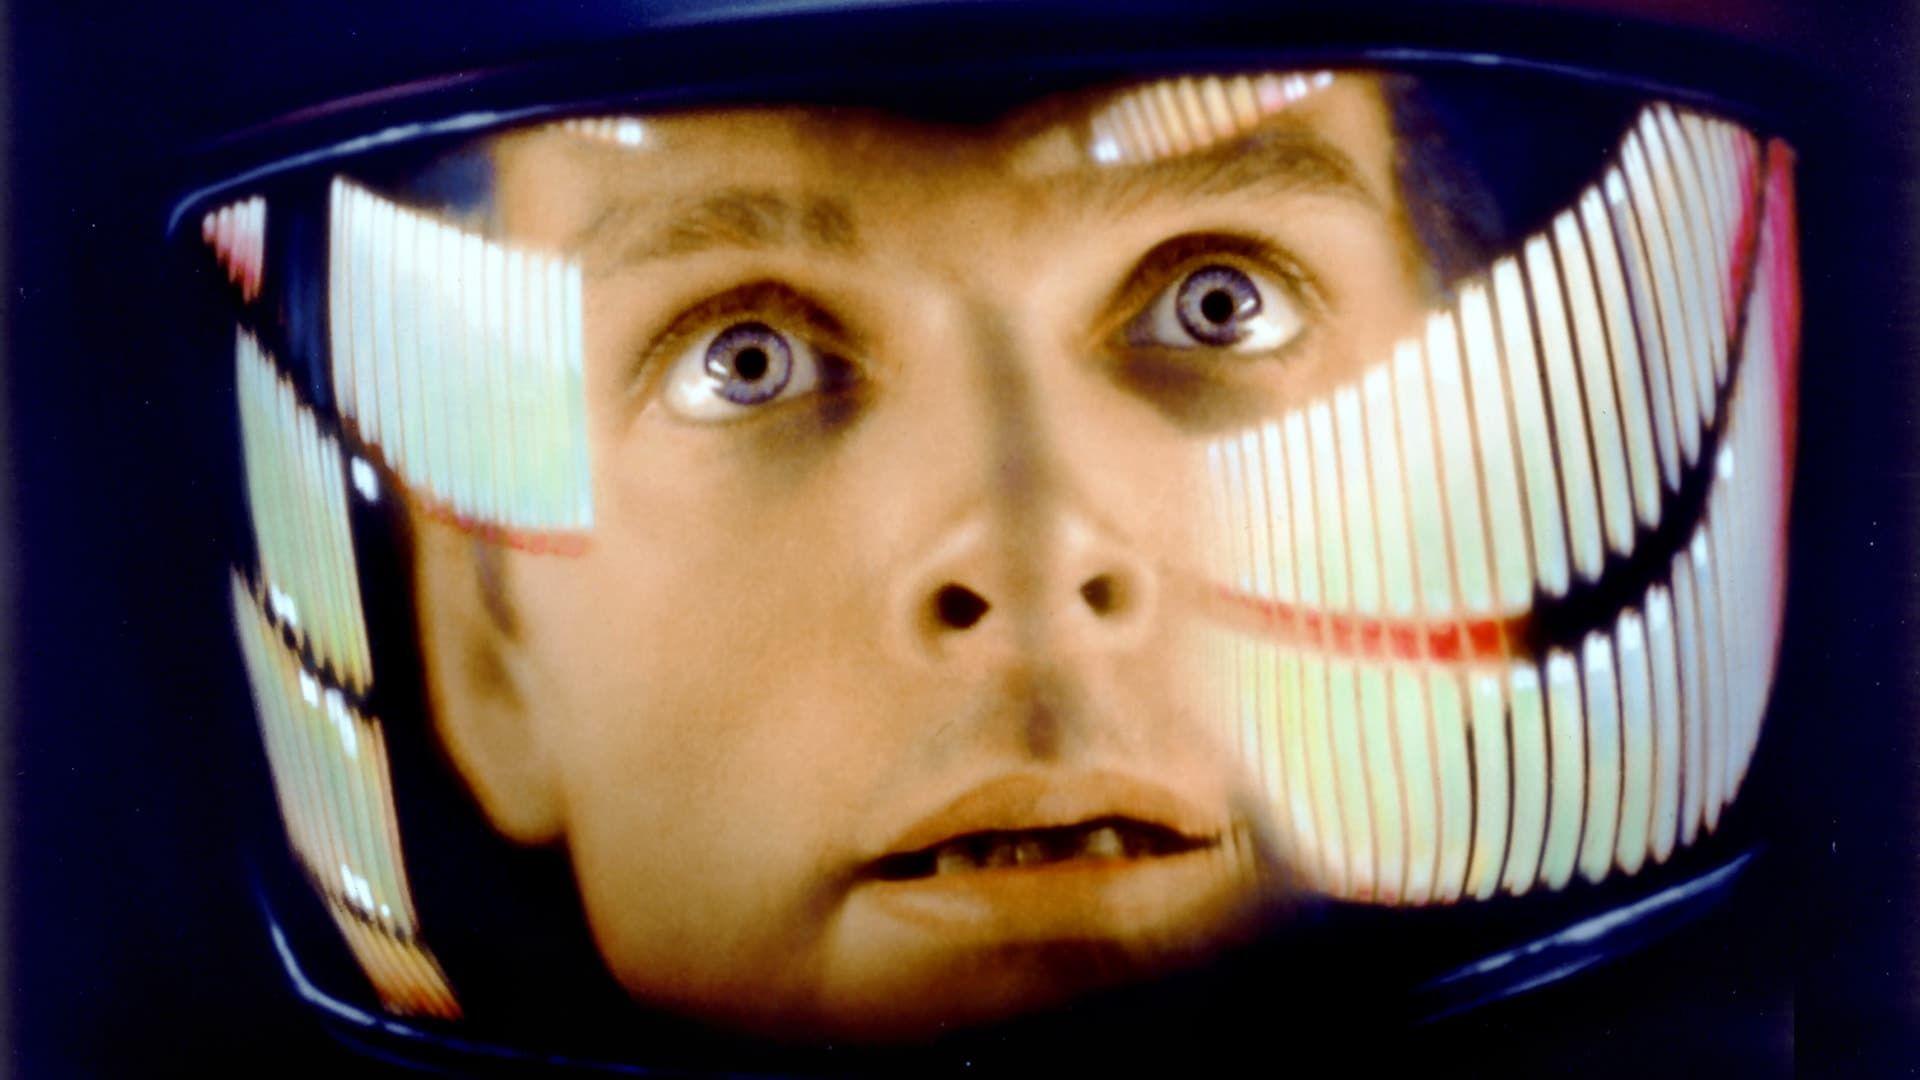 2001 Odyssee Im Weltraum 1968 Ganzer Film Stream Deutsch Komplett Online 2001 Odyssee Im Weltraum 196 Odyssee Im Weltraum Filme 2001 Odyssee Im Weltraum